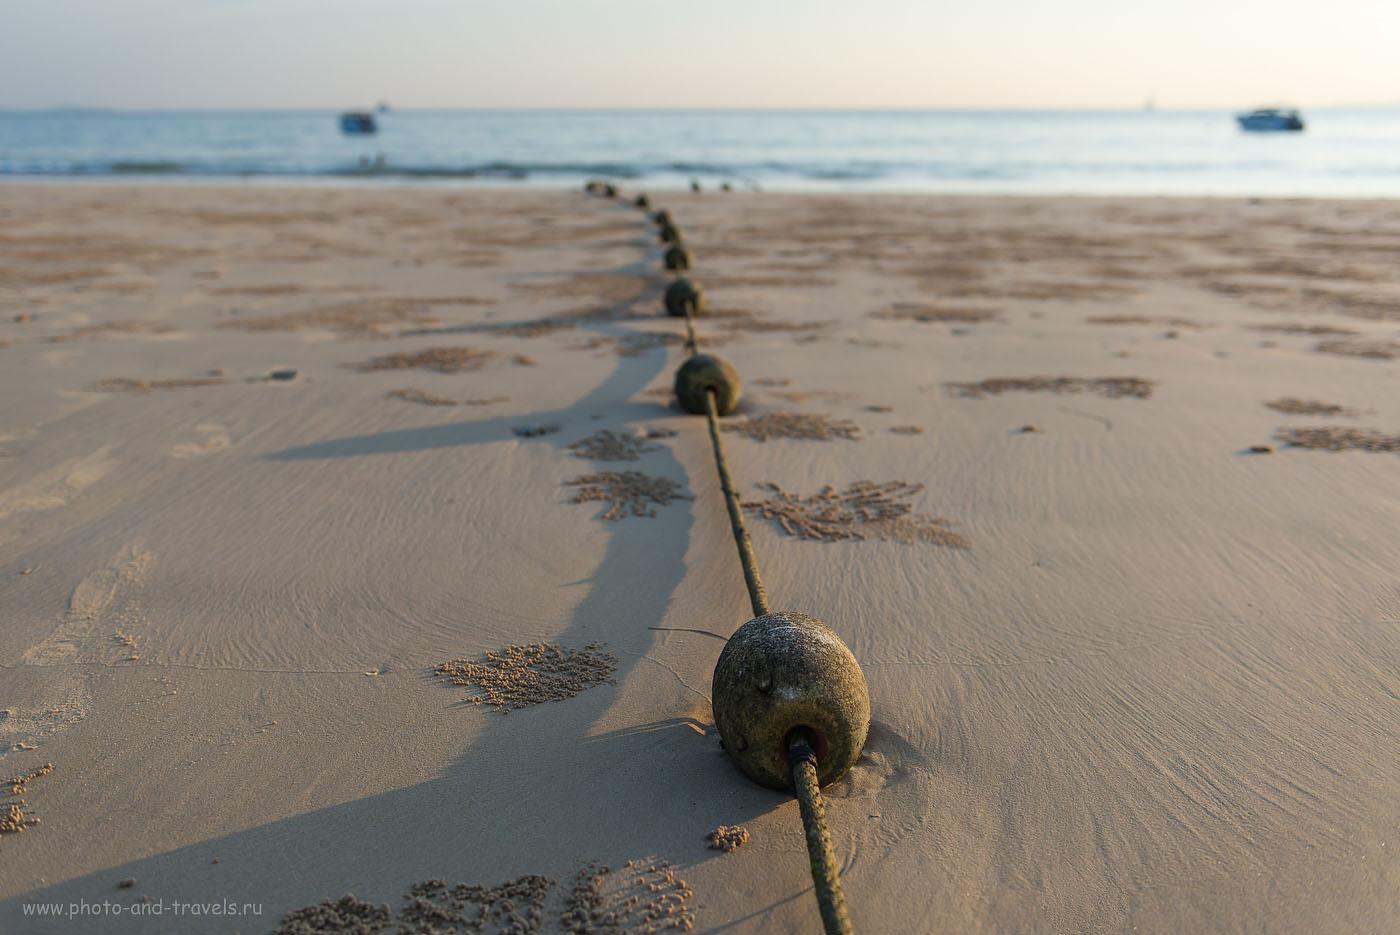 Фото 7. Таиланд отзывы. В Андаманское море. Отзыв о поездке на Краби (100, 34, 3.5, 1/200)